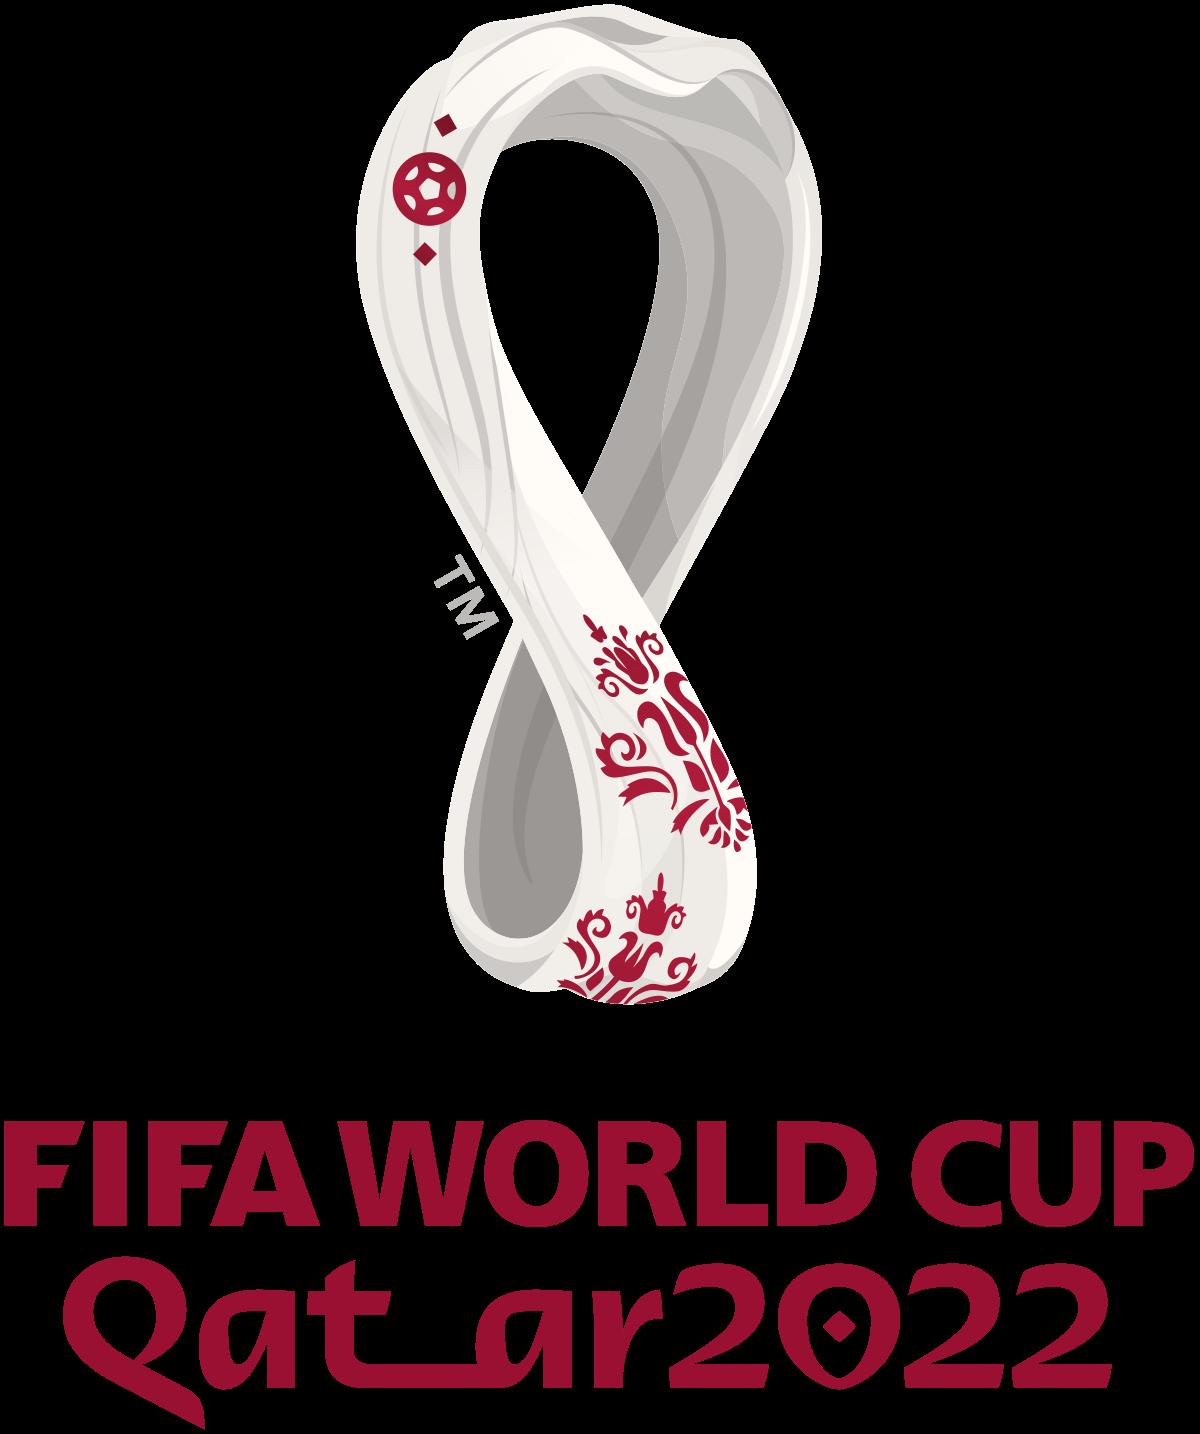 Мондиал 2022 - Квалификации